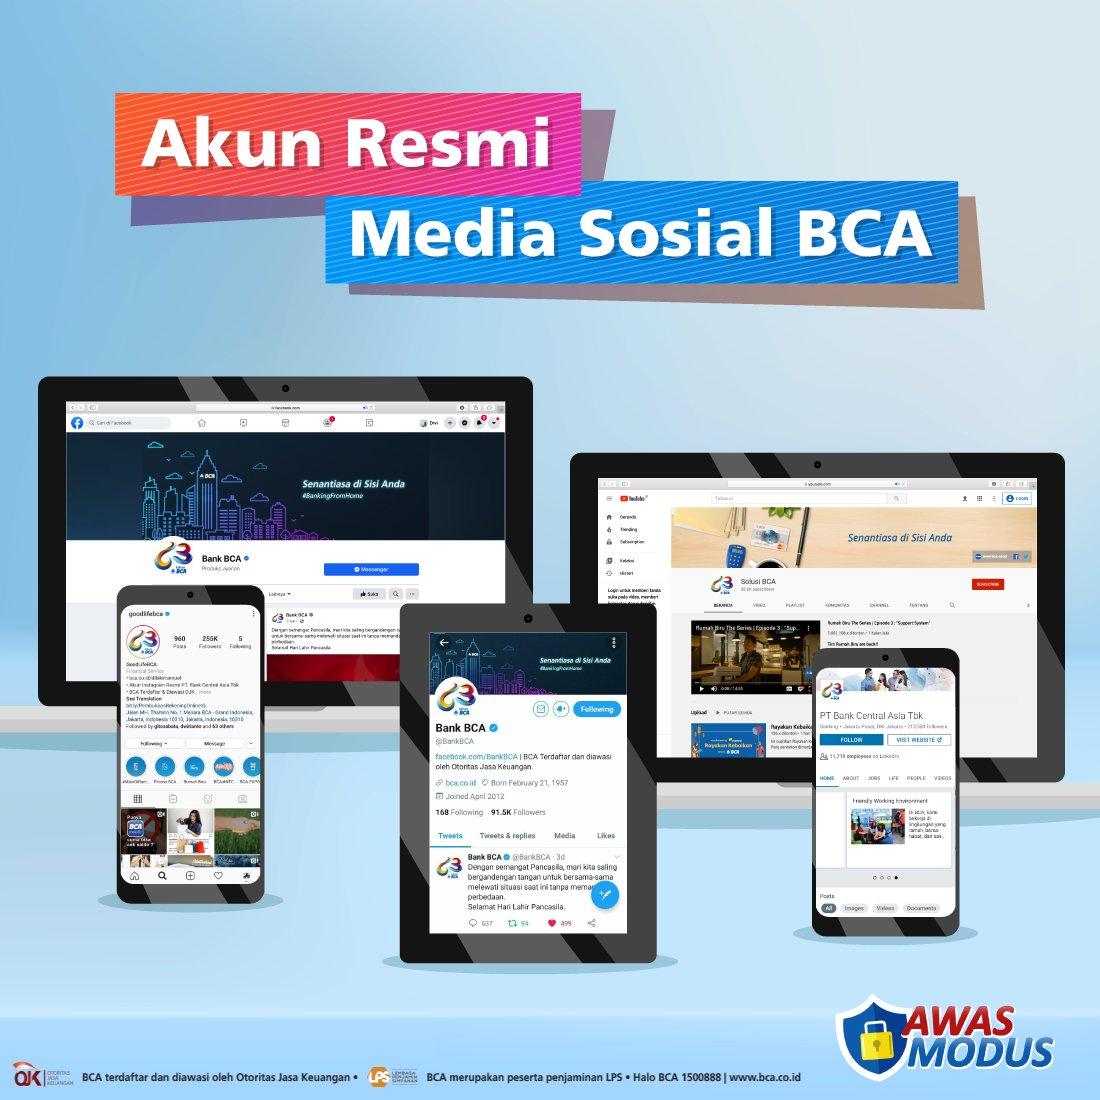 Sudah tahu akun resmi BCA di media sosial? Pastikan Anda hanya mengikuti akun resmi BCA yang memiliki centang biru atau terverifikasi. Anda harus wapada jika dihubungi oleh akun palsu yang mengaku dari BCA dan meminta data pribadi. #AwasModus Info: https://t.co/akPA22TU3r https://t.co/9tNfXCxwZU